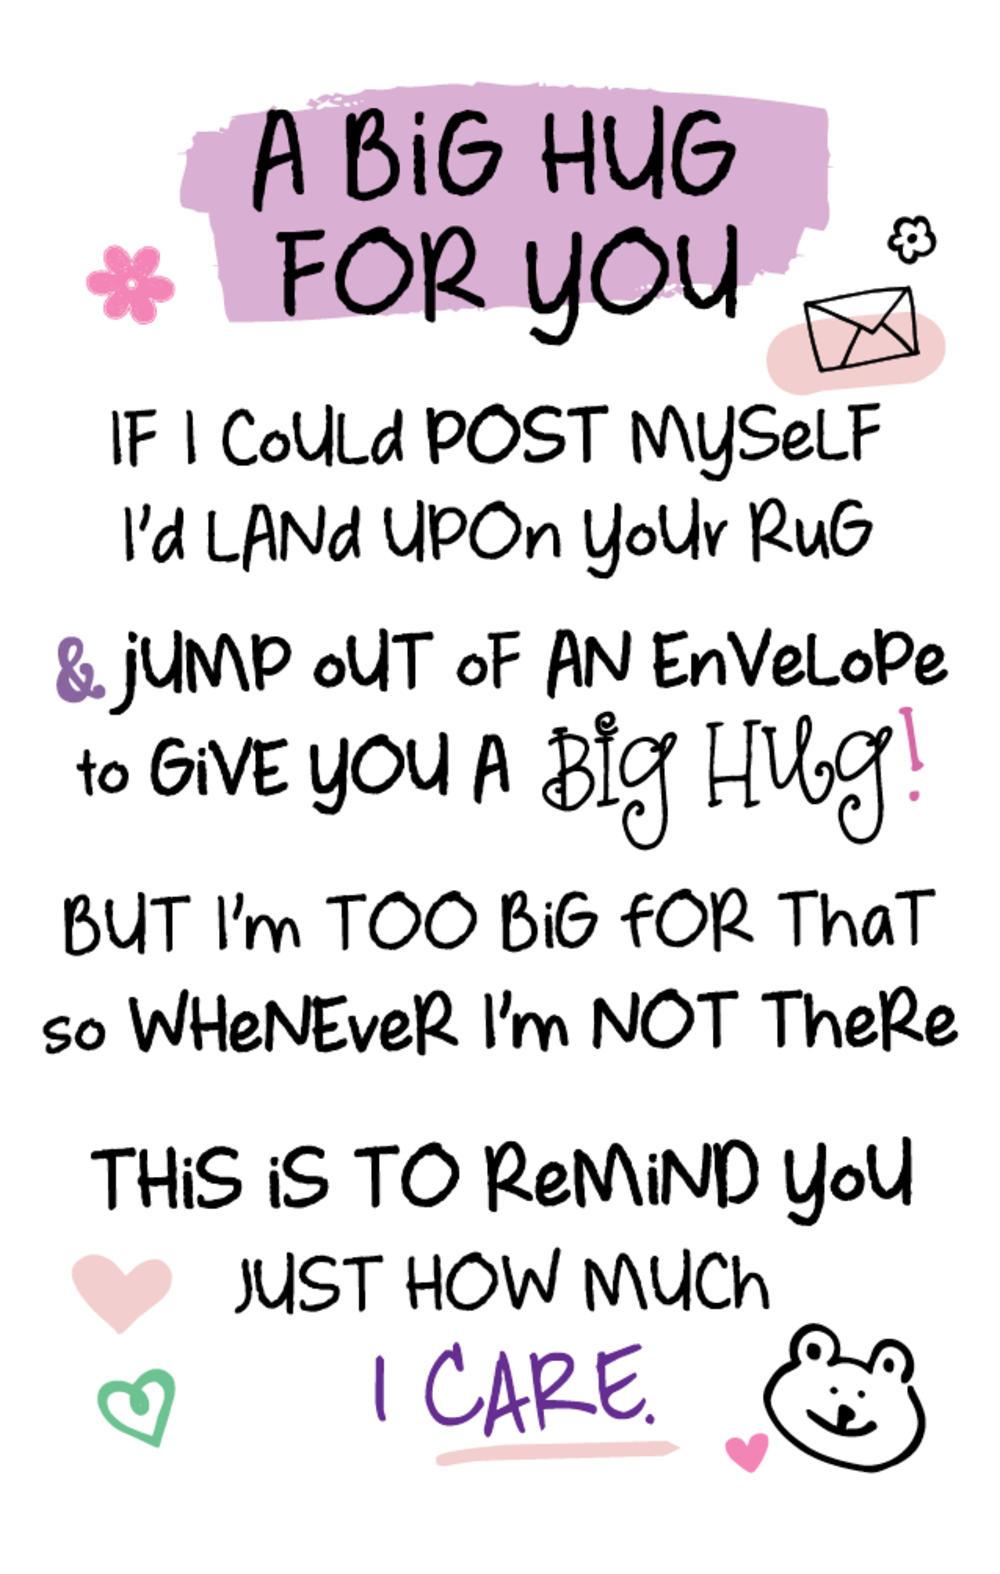 A Big Hug For You Inspired Words Keepsake Credit Card & Envelope